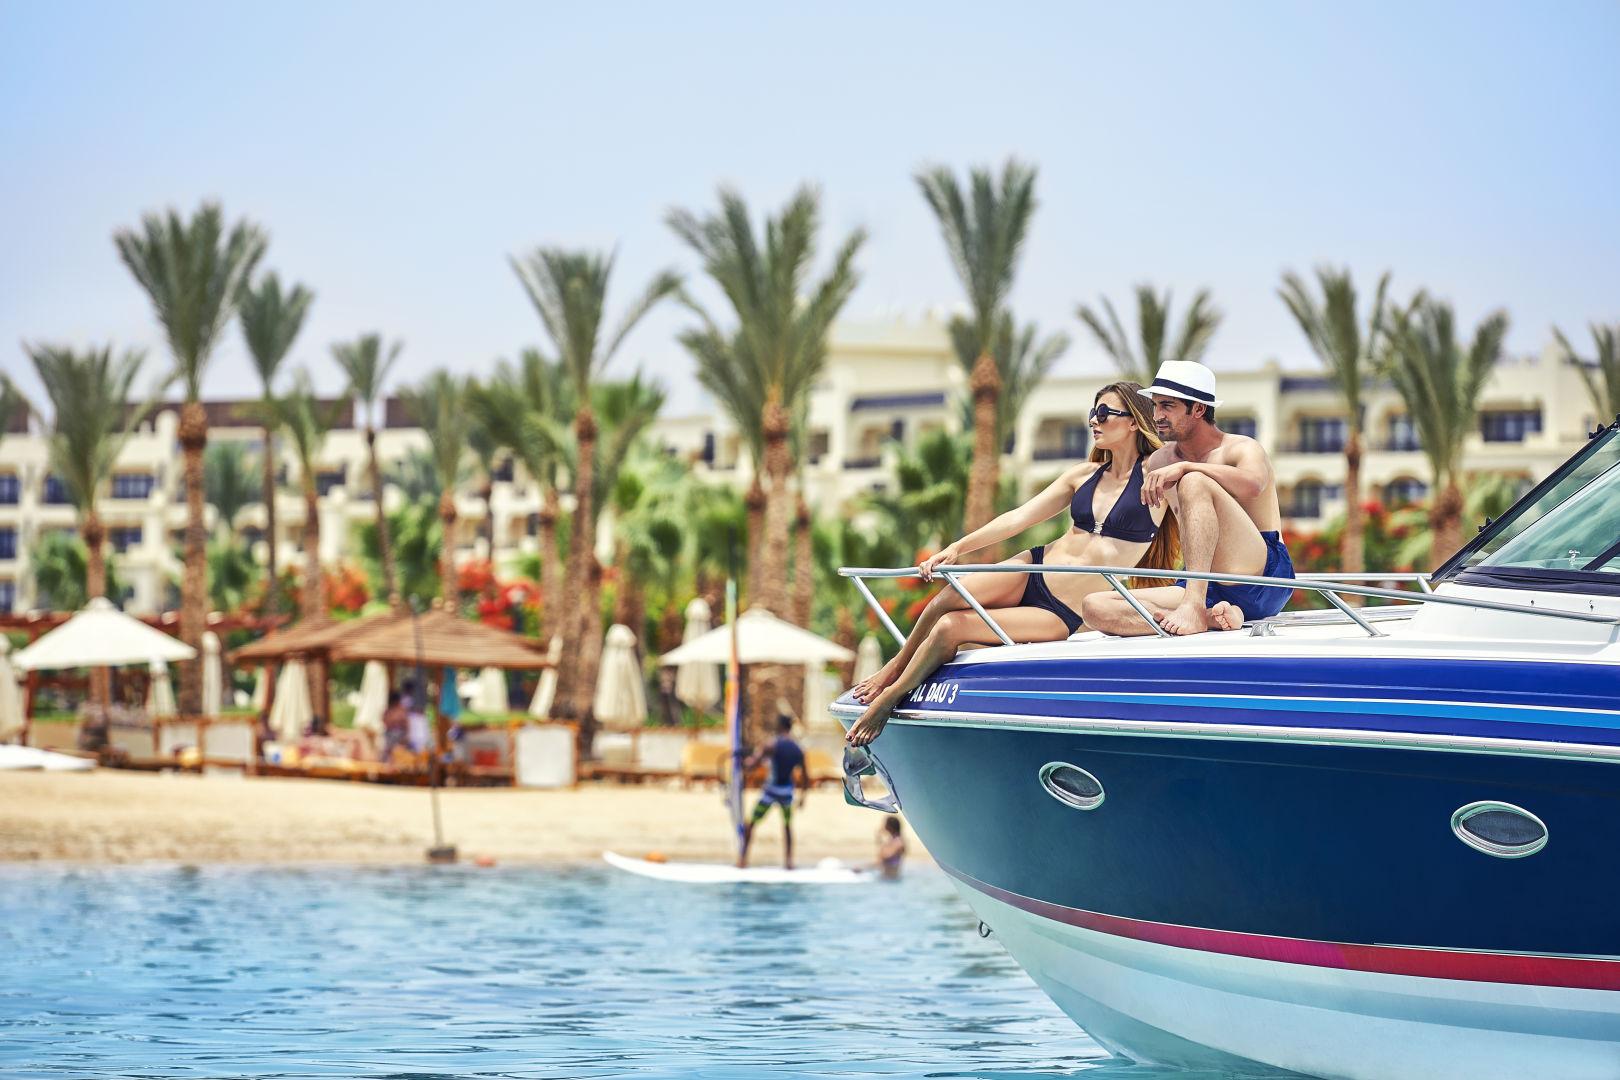 Hotel Steigenberger Aqua Magic Hurghadaägypten Urlaubchecker